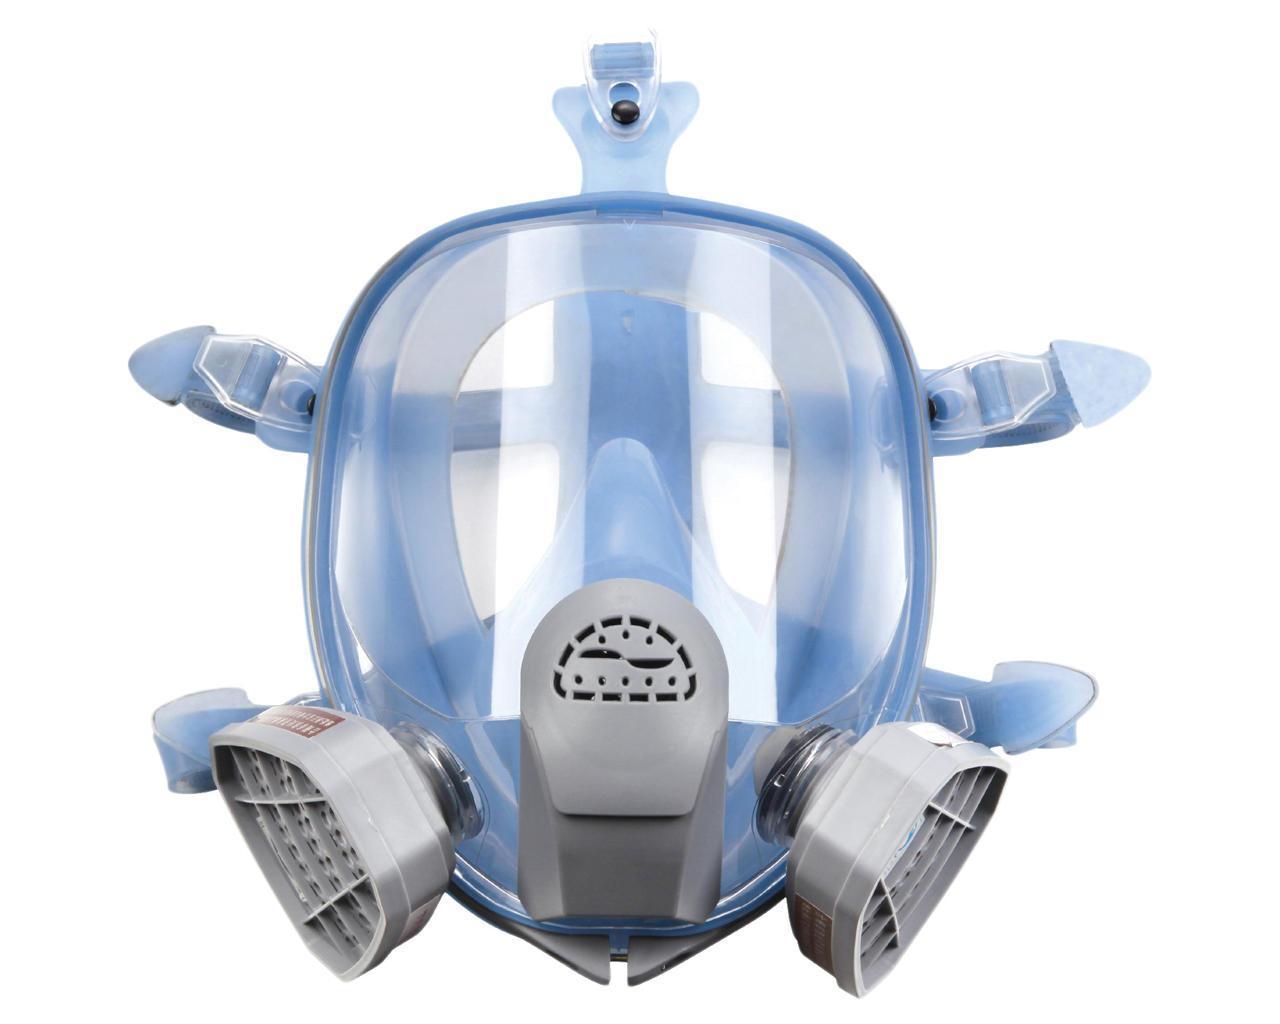 Полнолицевая маска Химик-3 с двумя фильтрами химическими под байонет в силиконовой оправе (3М 6800)